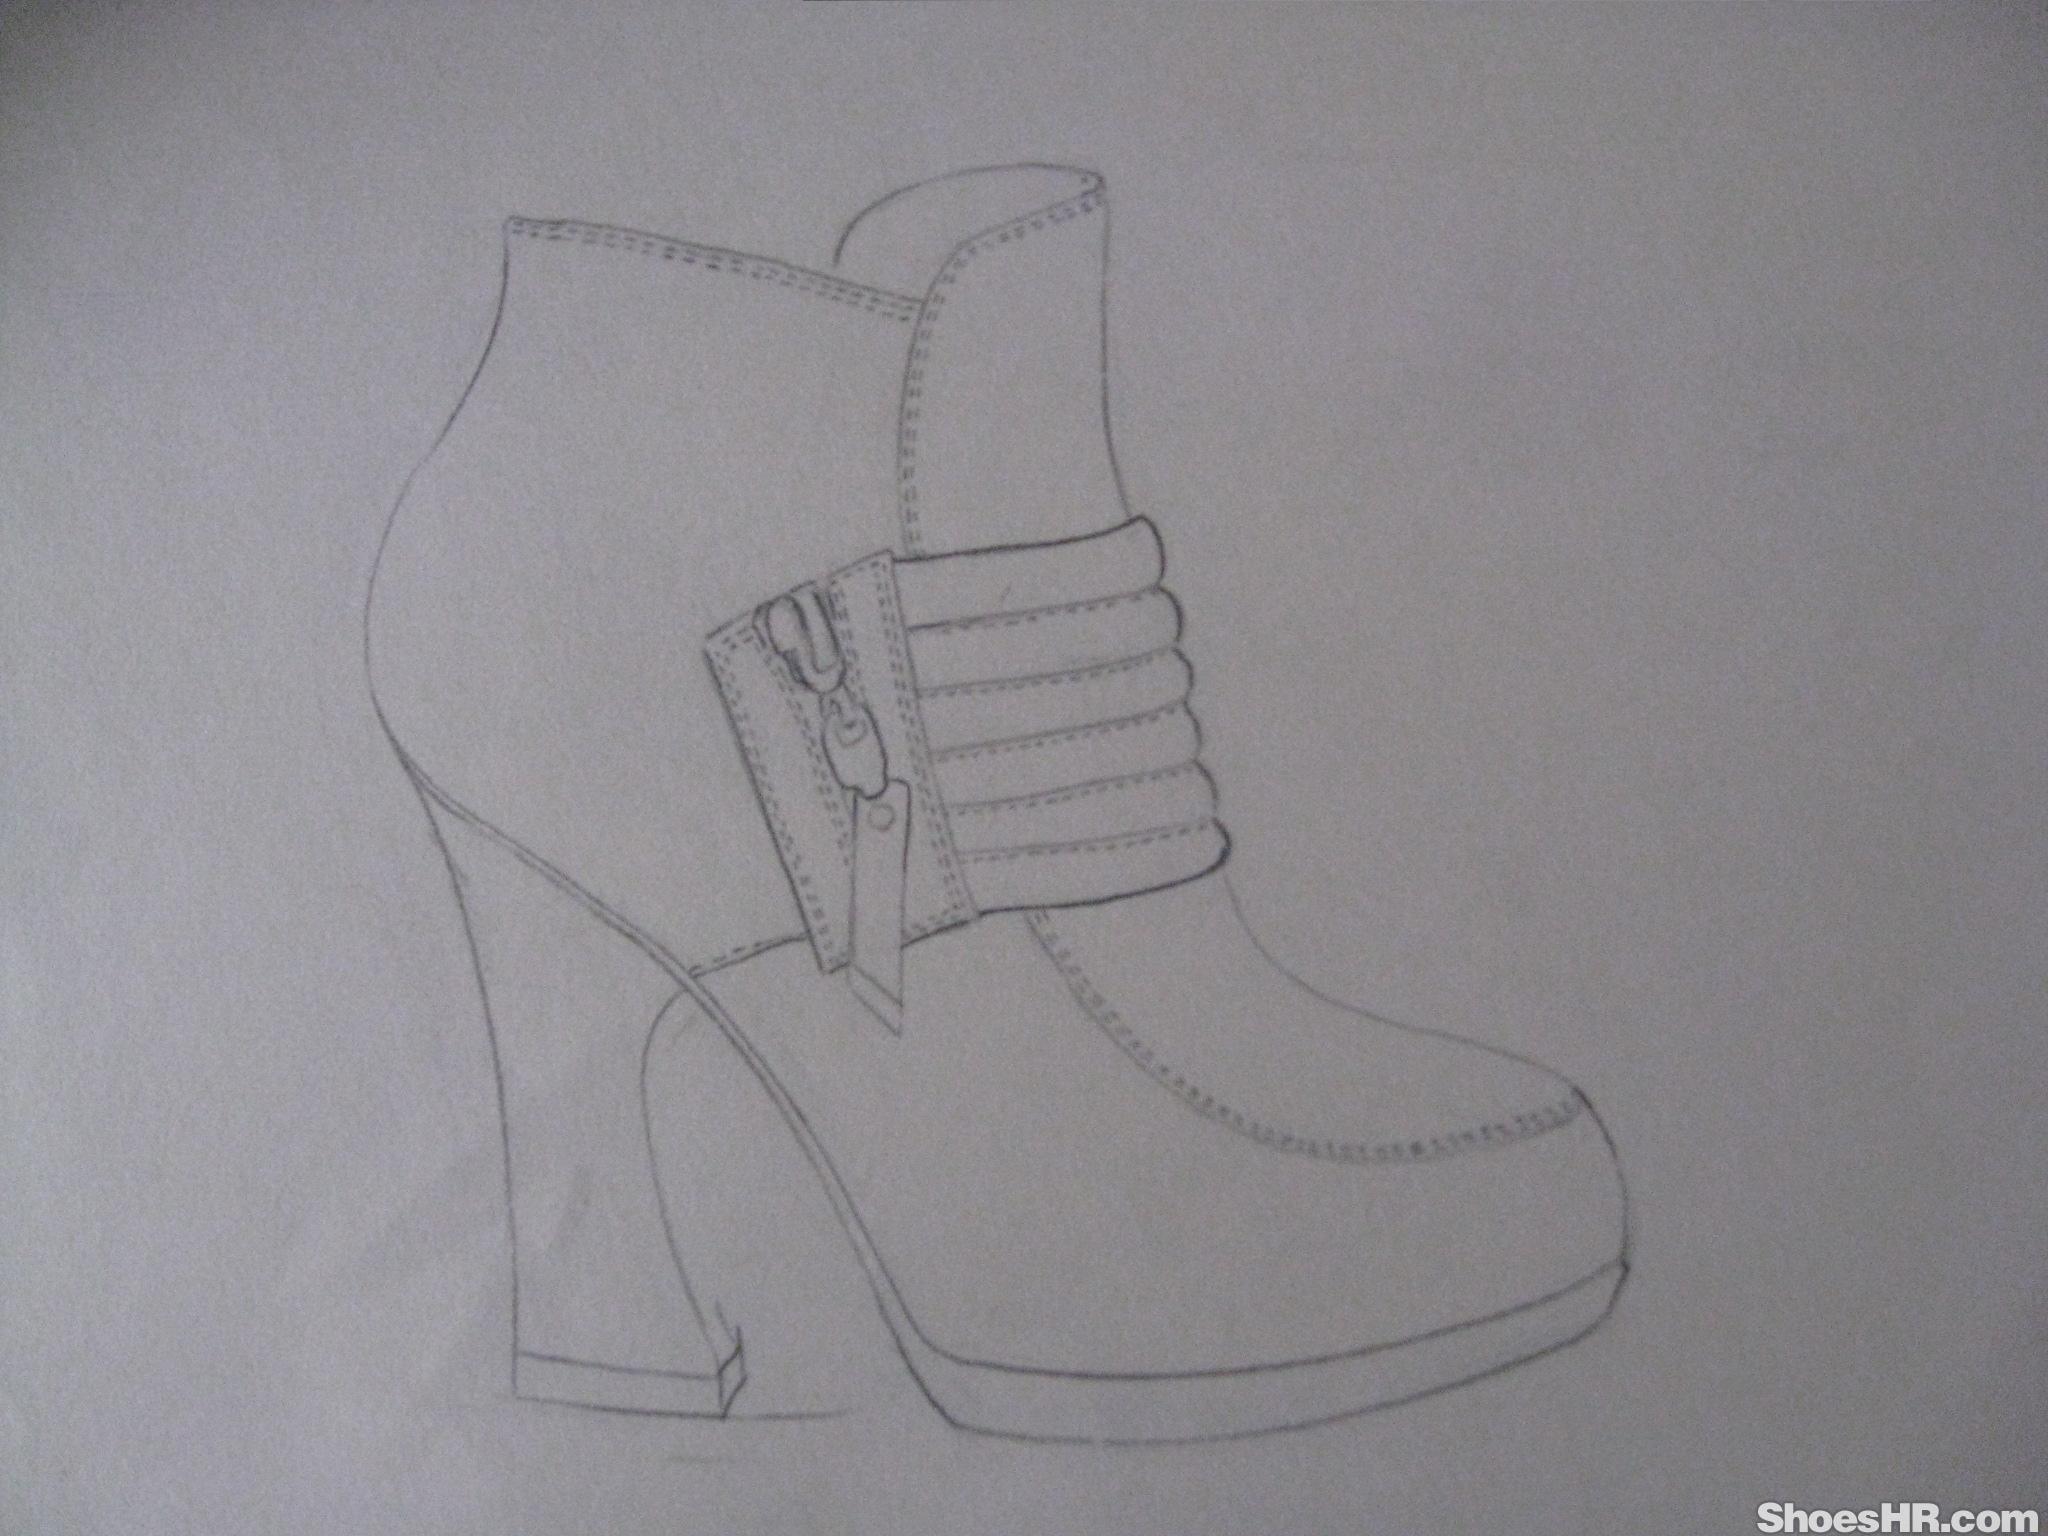 手绘线描,赛赛 中国鞋业设计师网